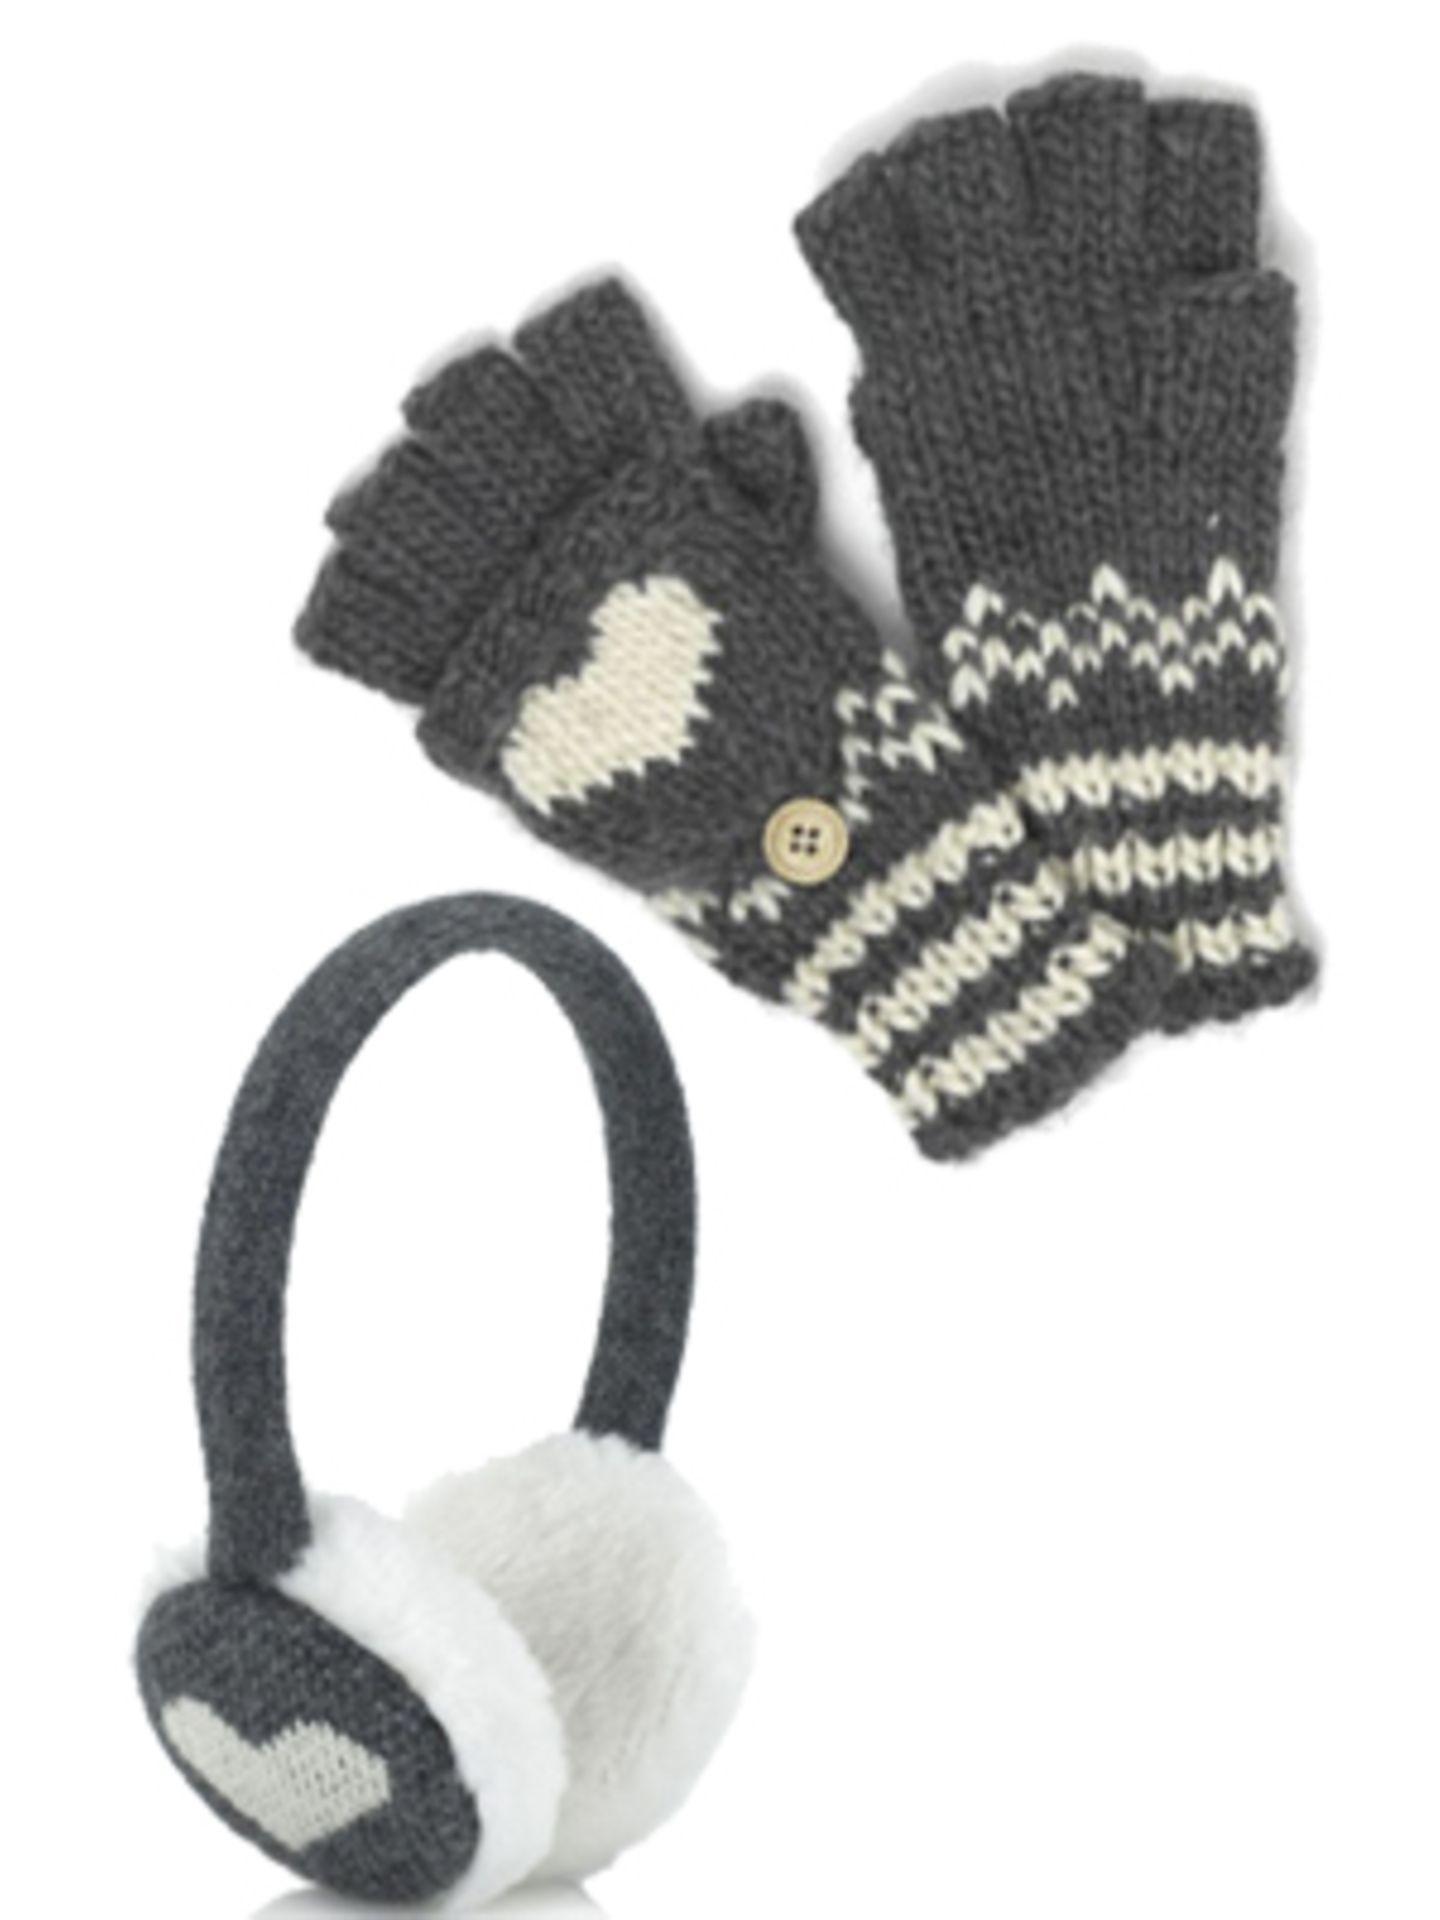 Flauschige Ohrenschützer und Fingerling-Handschuhe mit Herzmotiv von Accessorize. Ohrenschützer um 18 Euro, Handschuhe um 12 Euro.